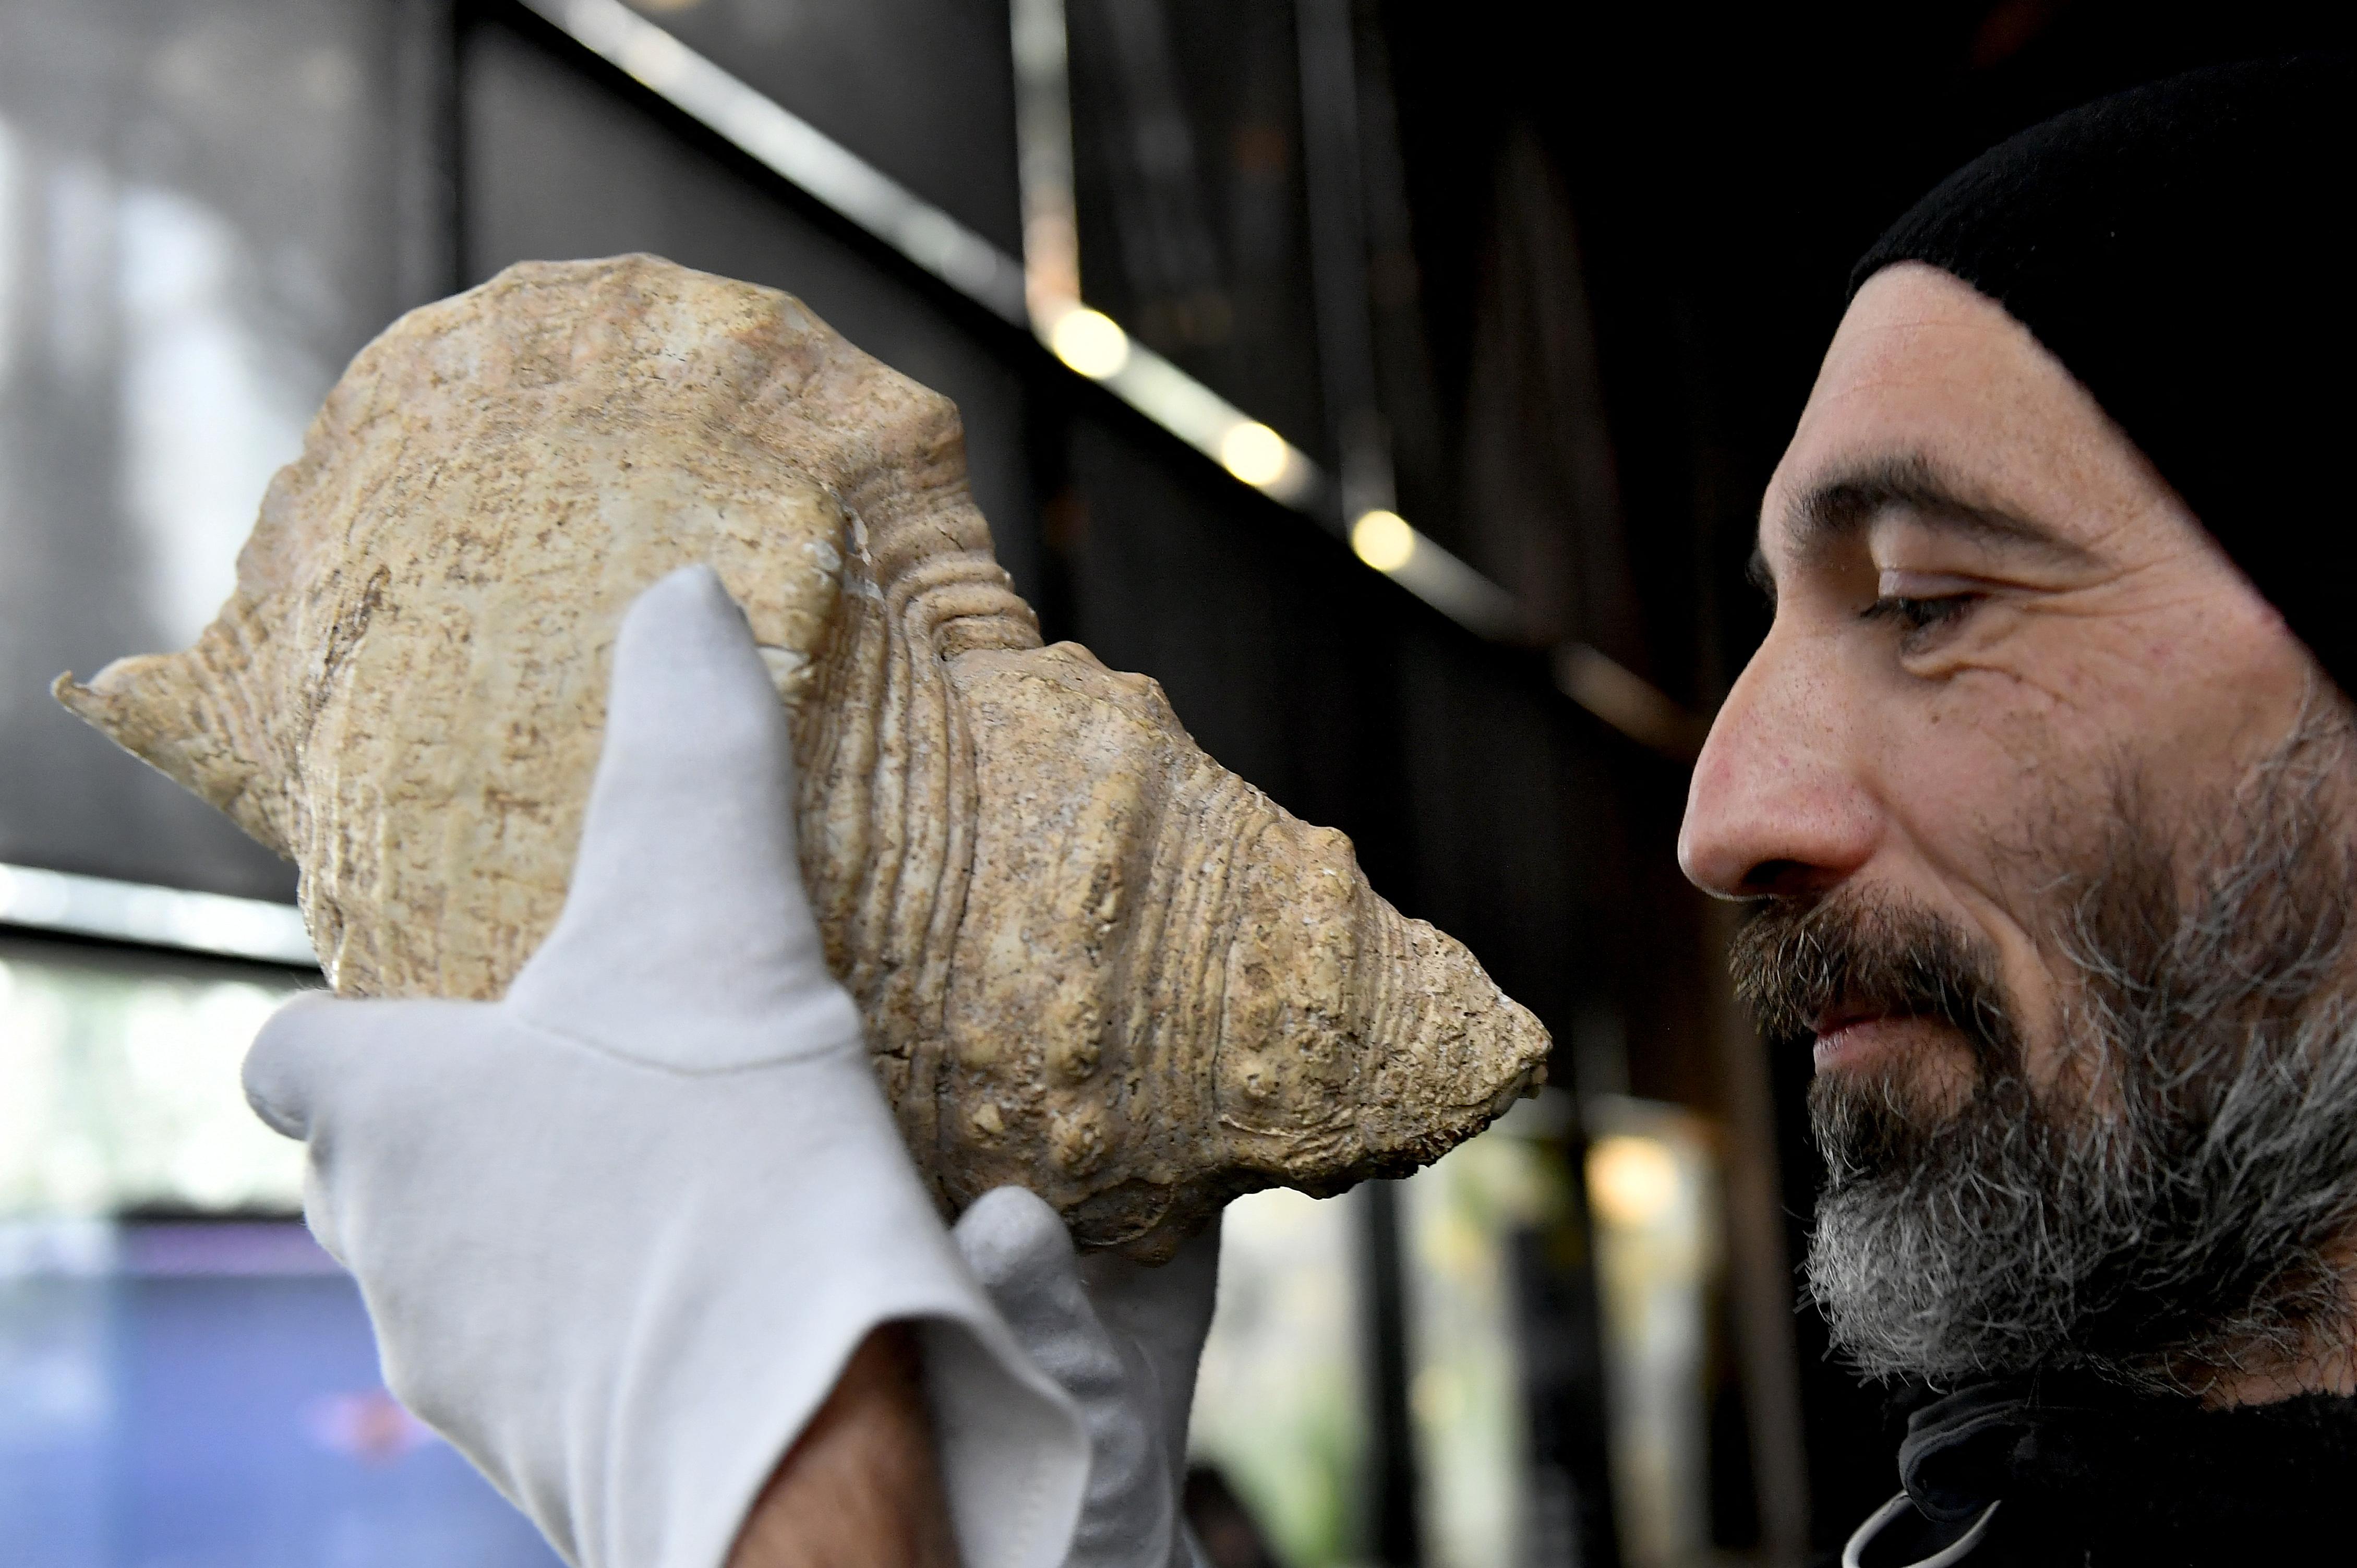 Szinte tökéletes zenei hangokat sikerült kicsalogatni egy 17 000 éves kagylóból